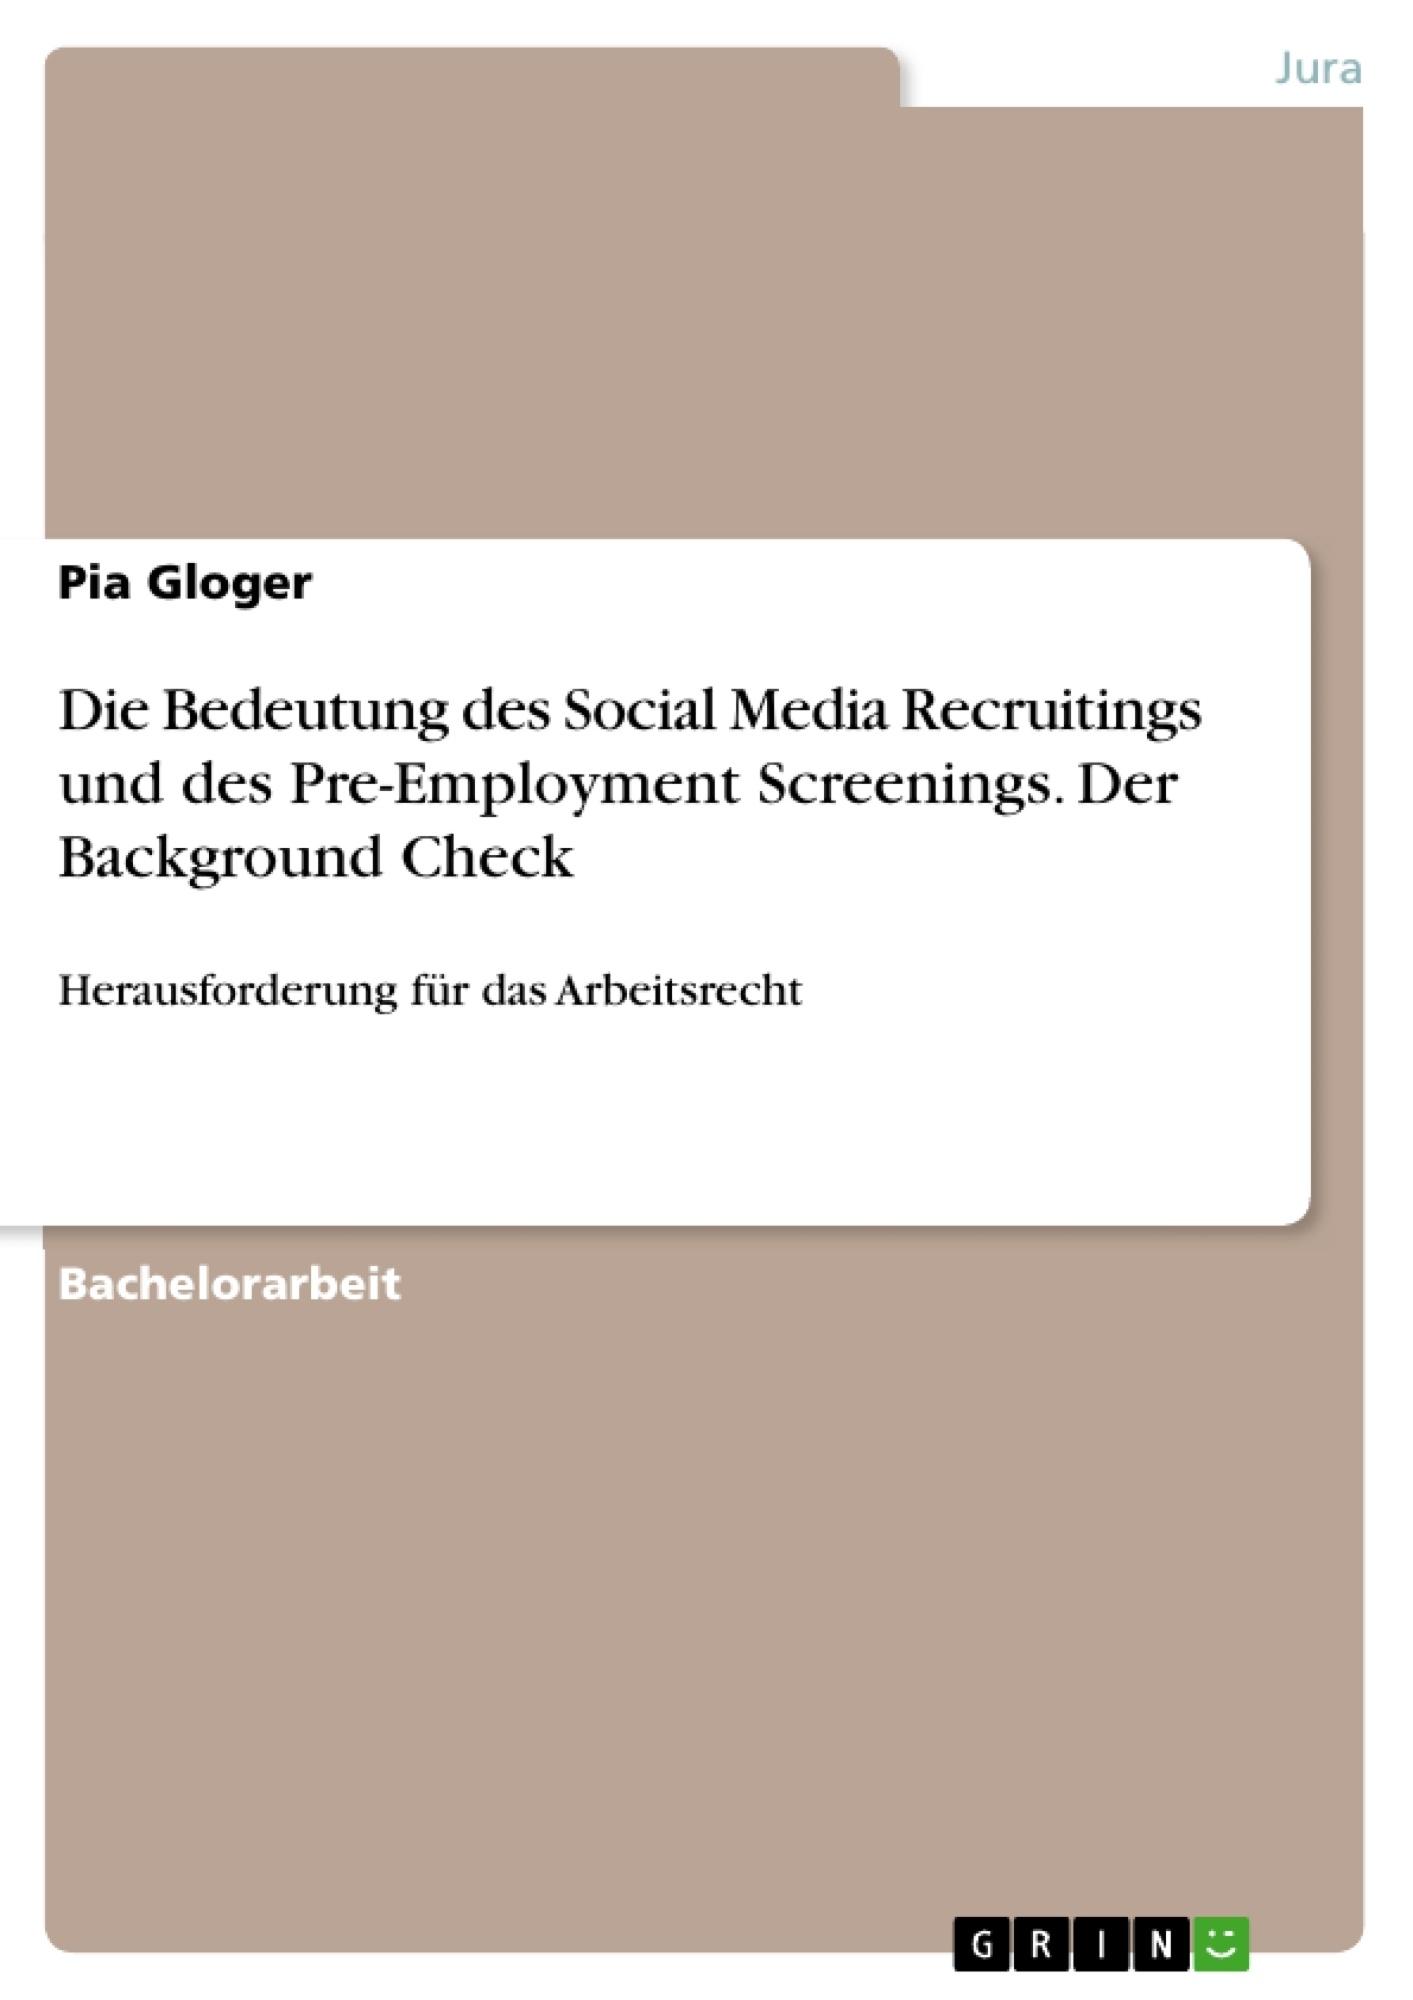 Titel: Die Bedeutung des Social Media Recruitings und des Pre-Employment Screenings. Der Background Check